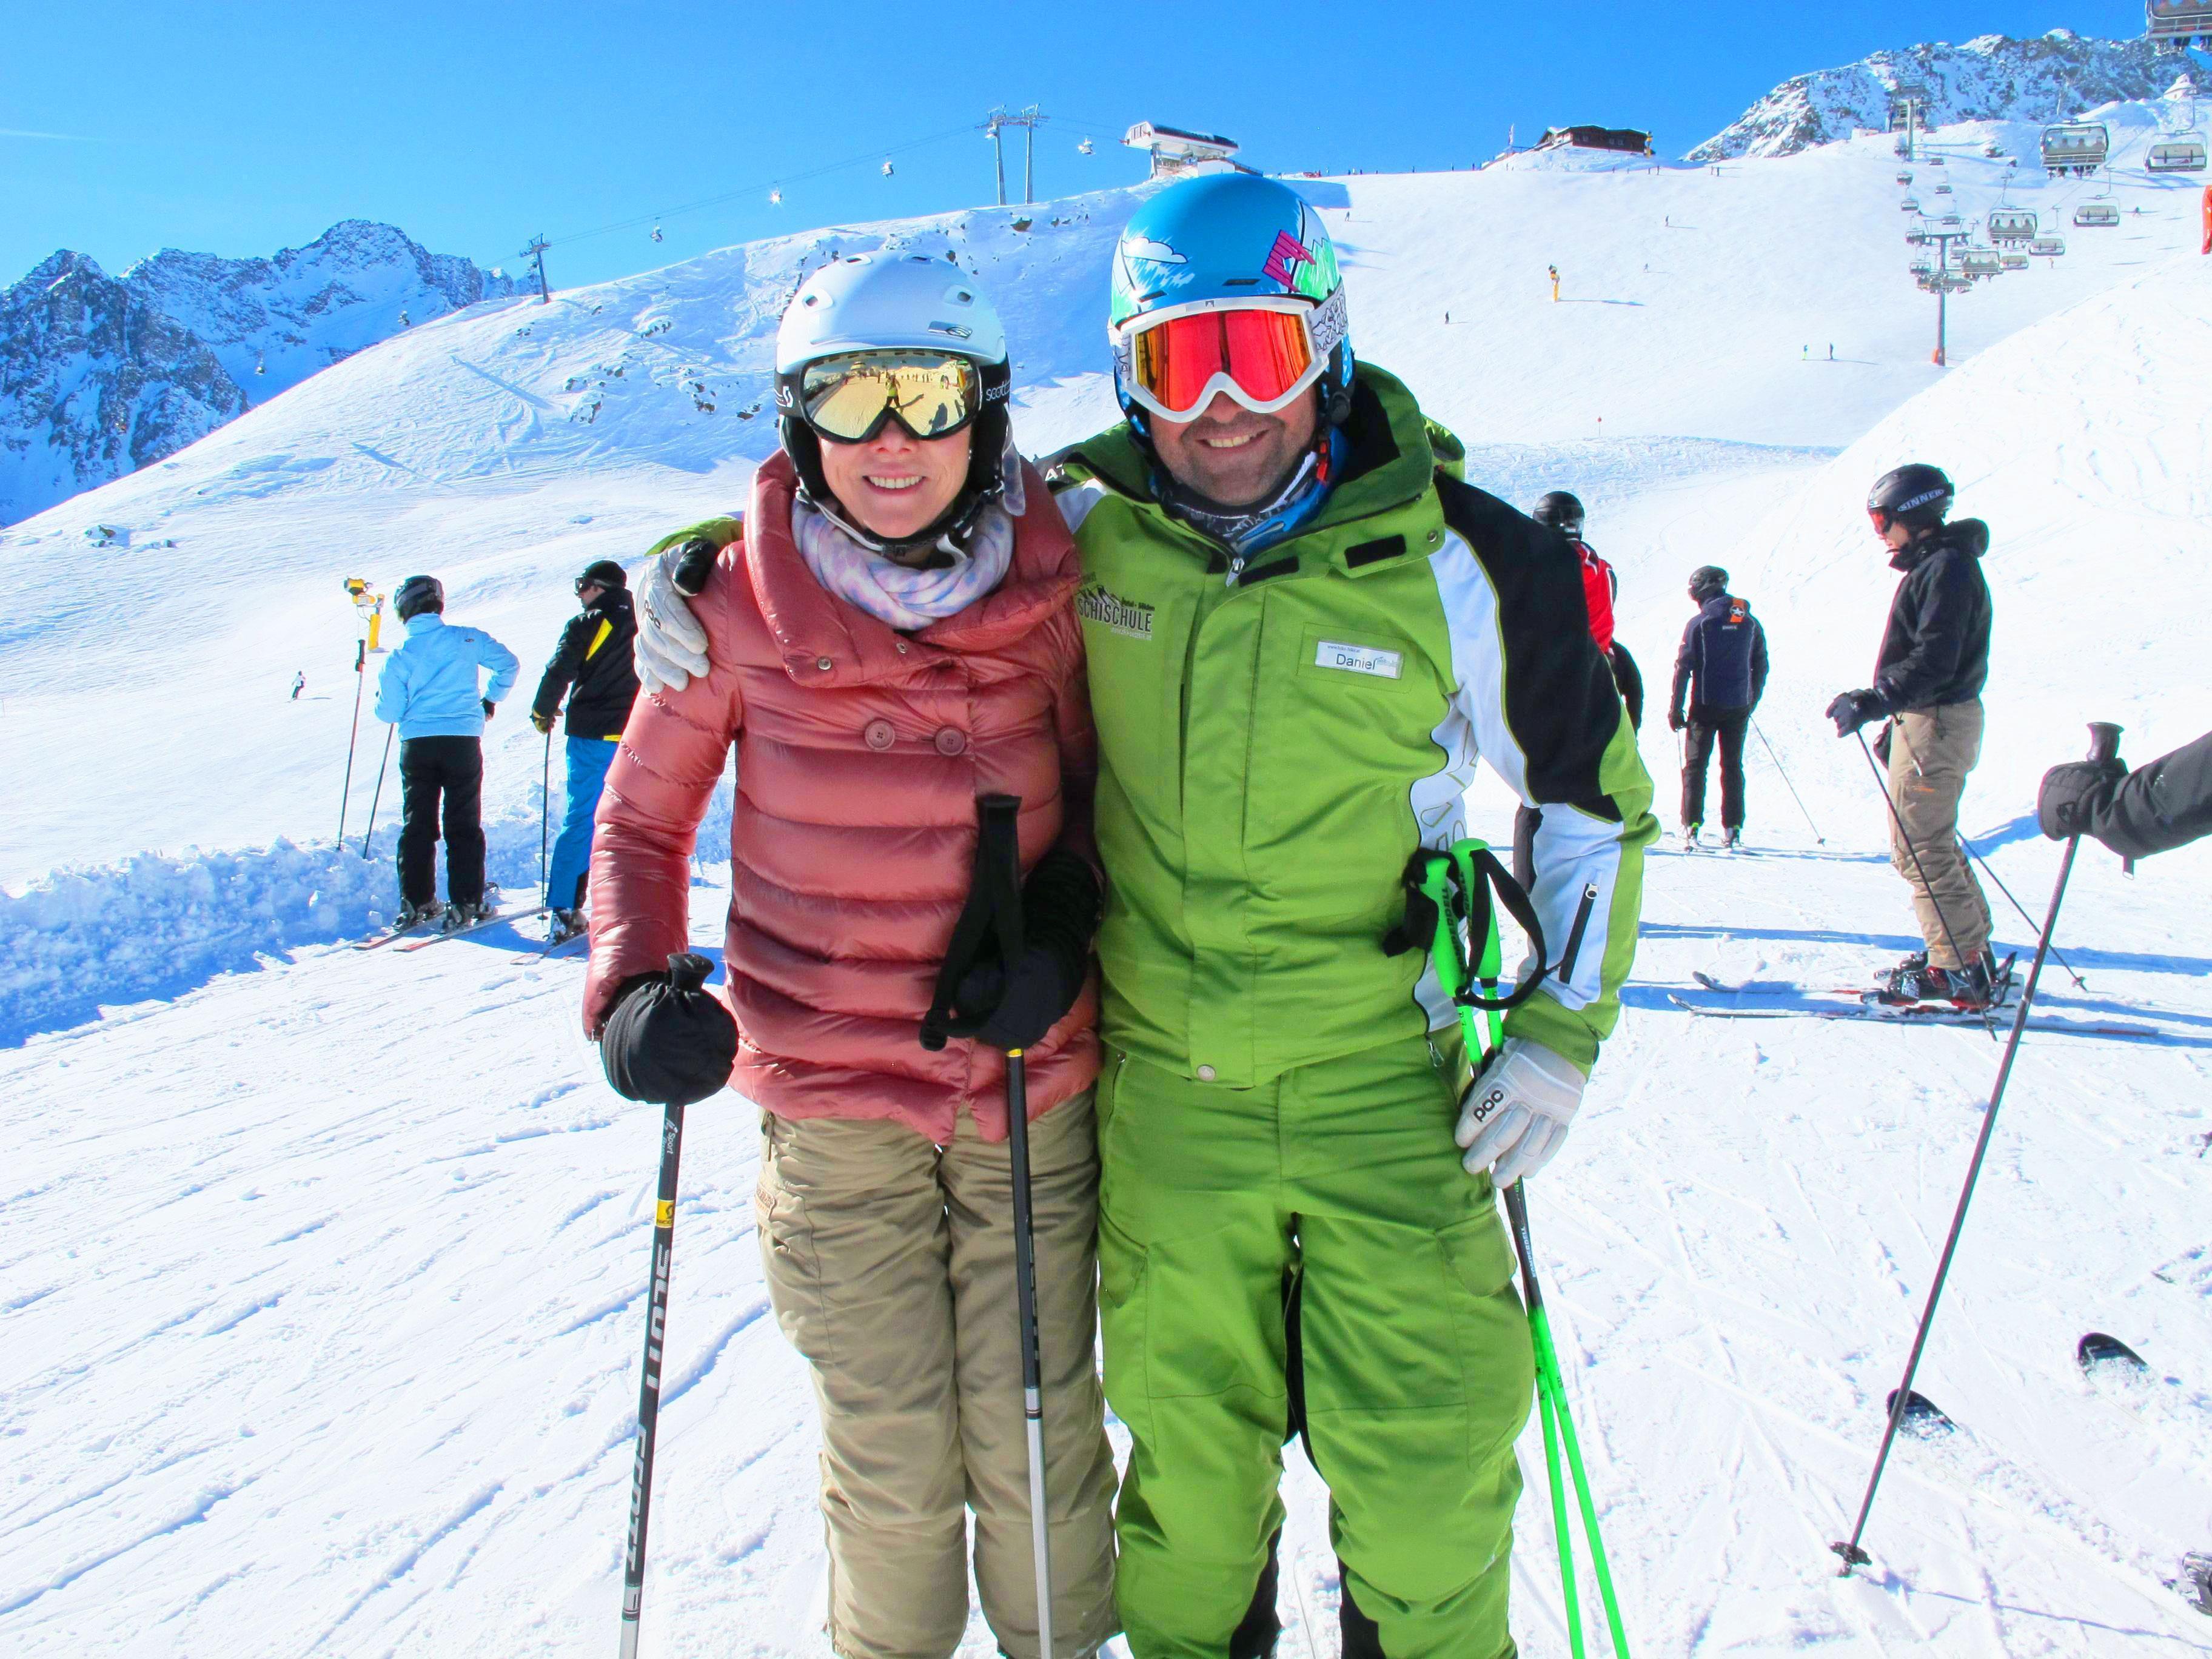 Privélessen skiën voor alle leeftijden en niveaus